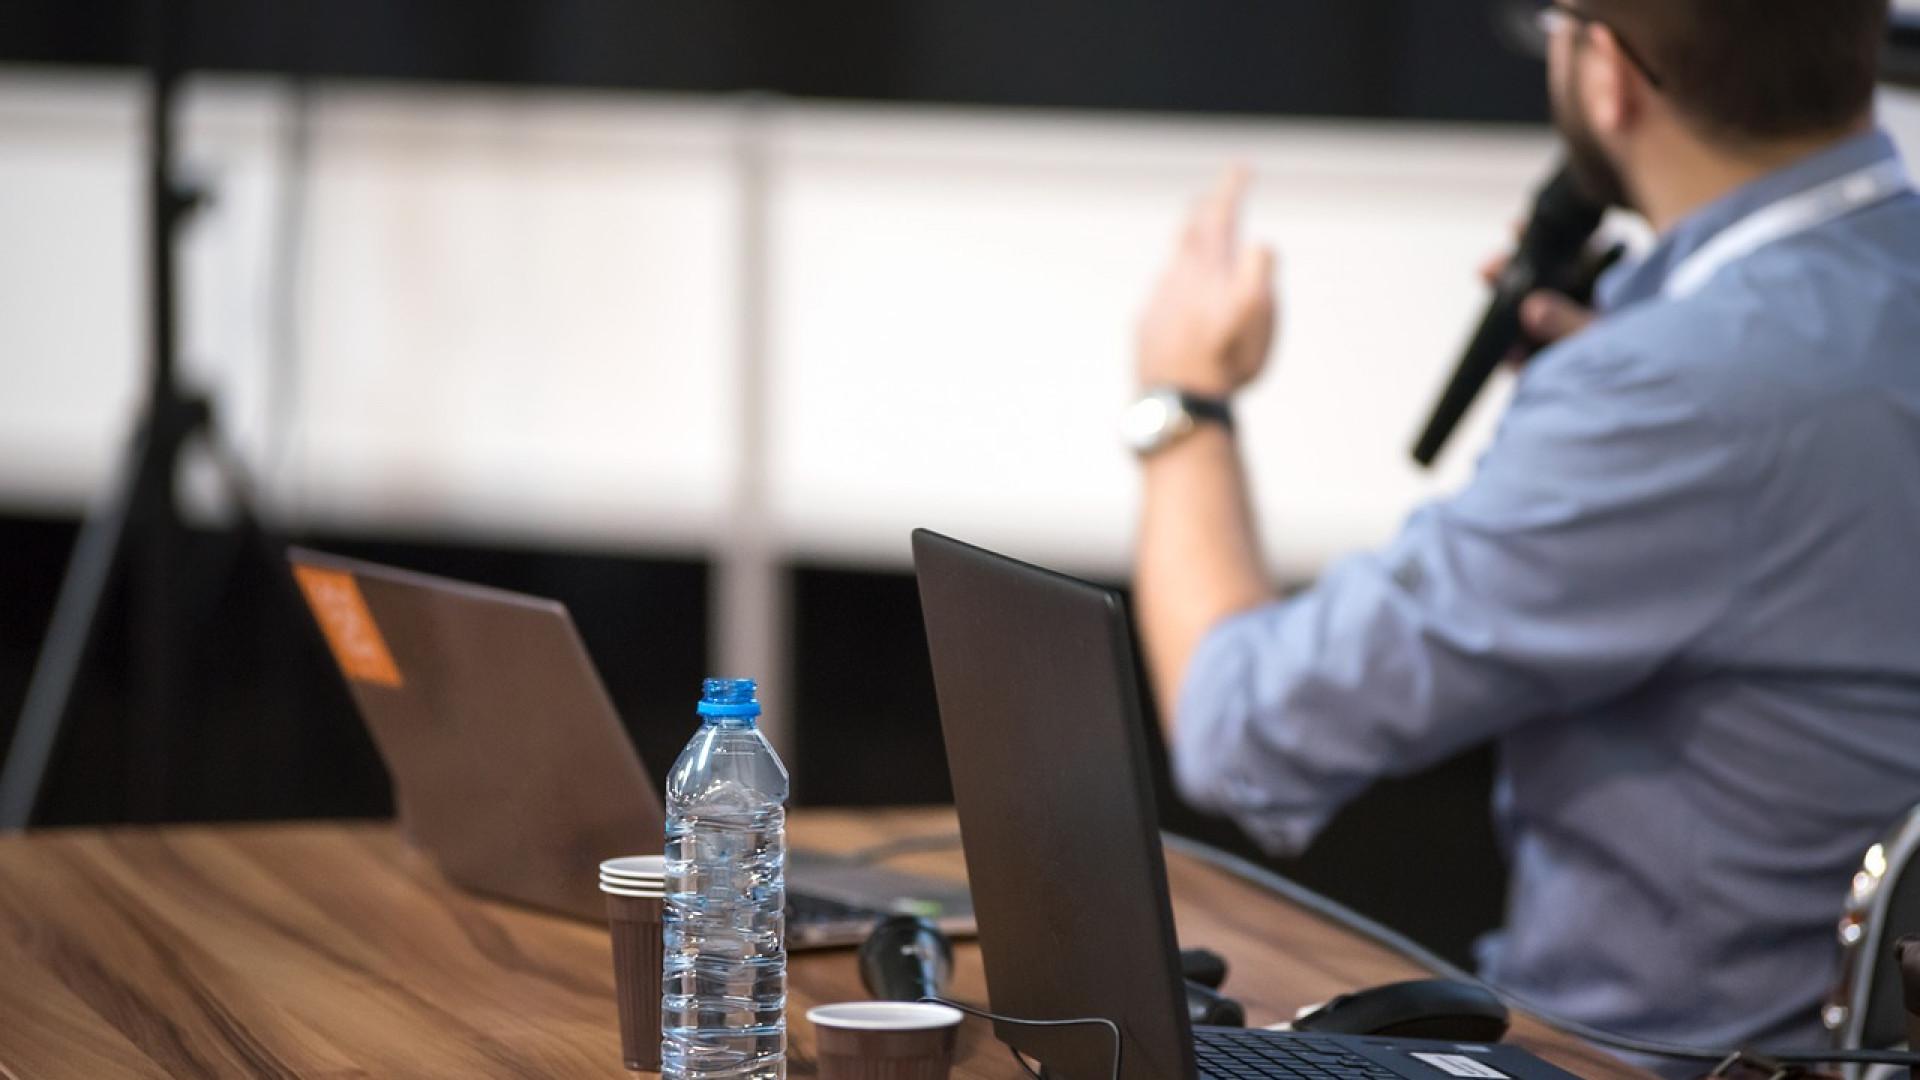 Comment faire une présentation Powerpoint attrayante ?